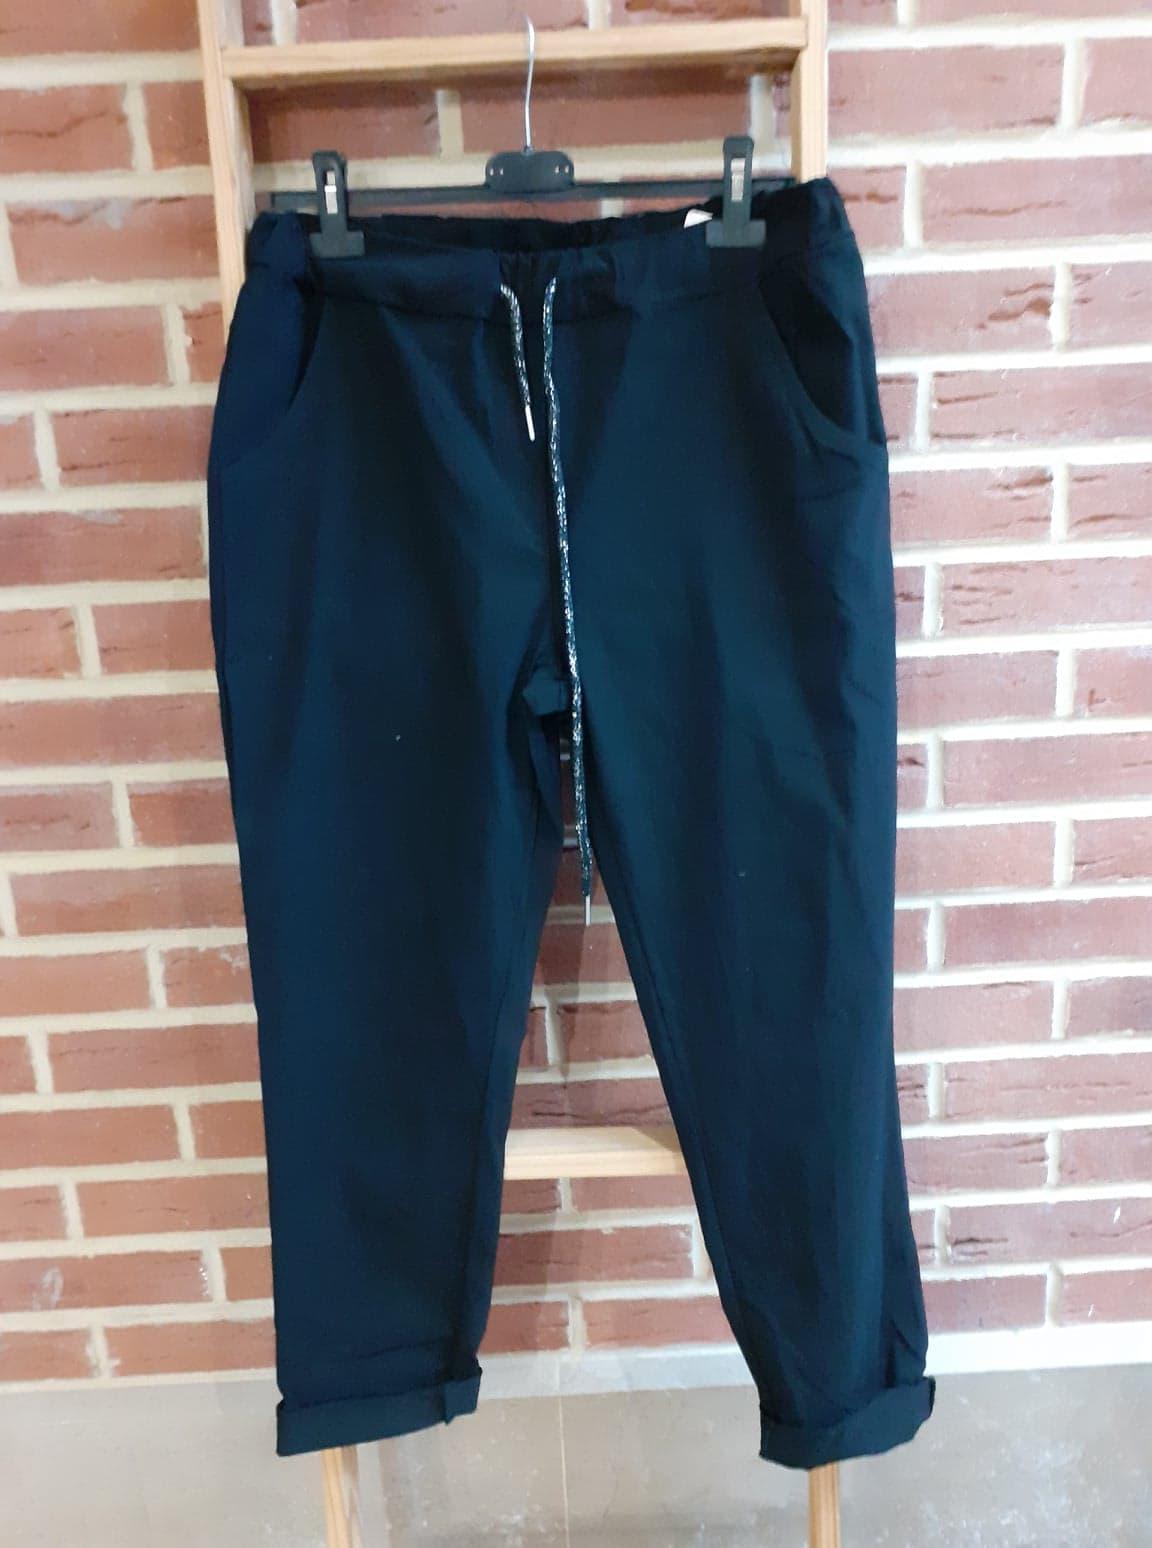 pantalon noir  - pan-noi